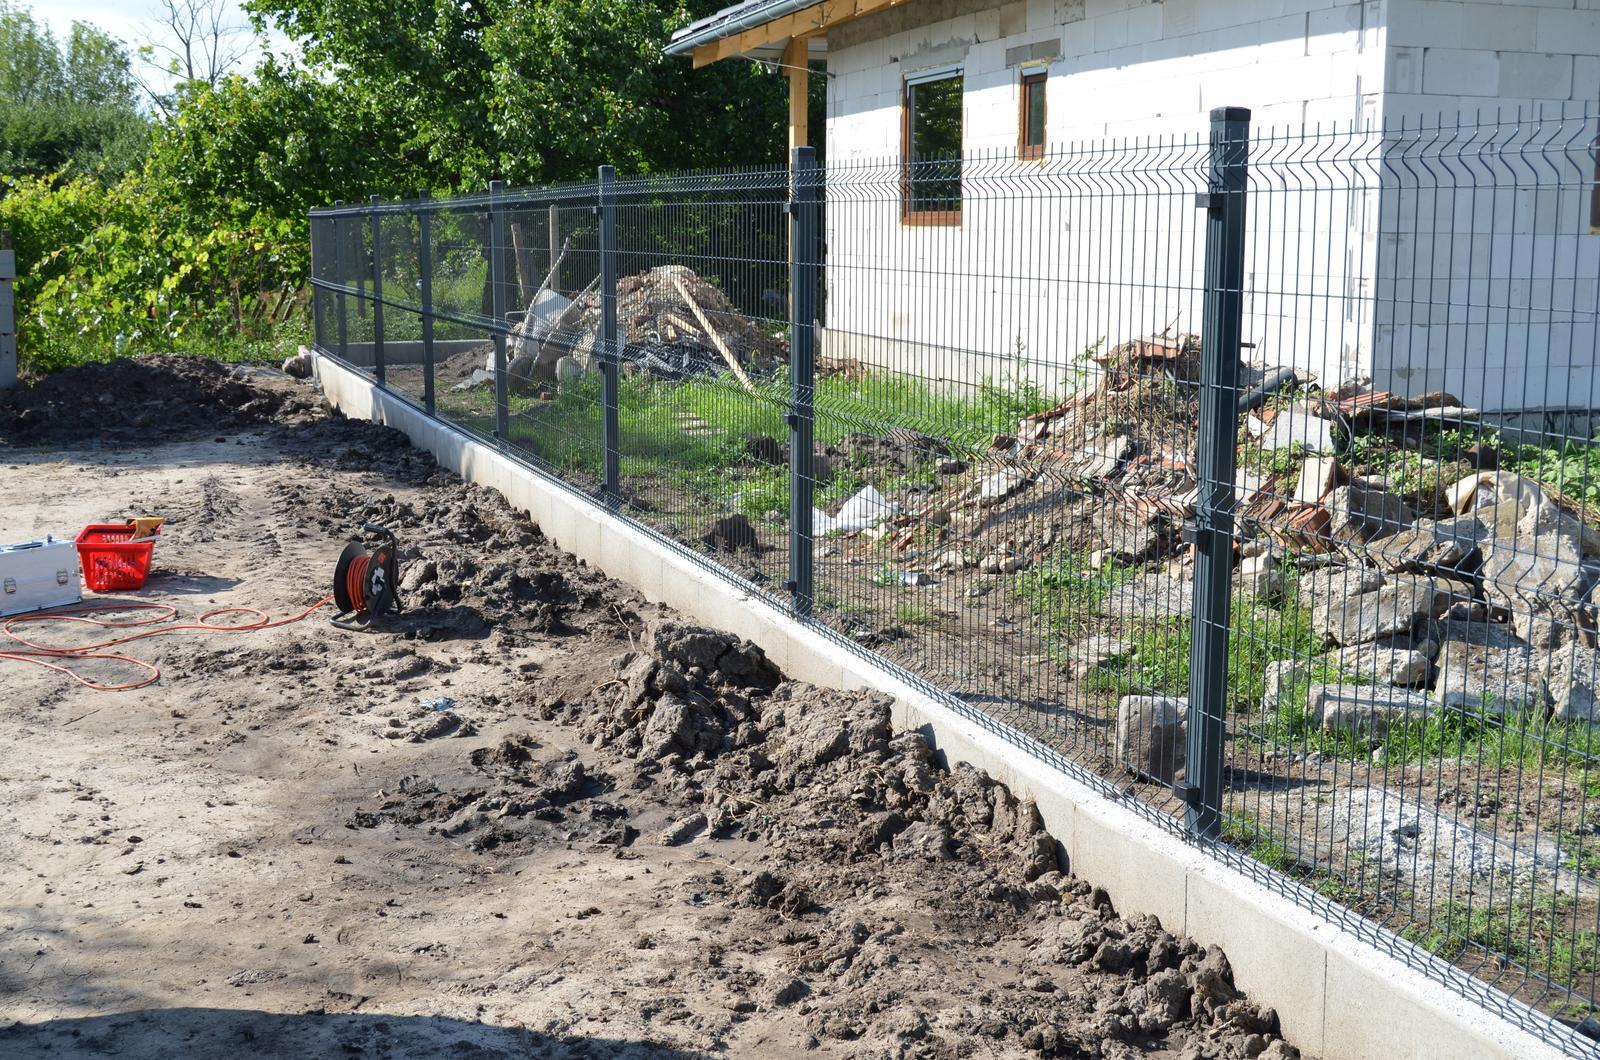 Okolie domu - Nahodili sme aj zadný plot. Farba antracid